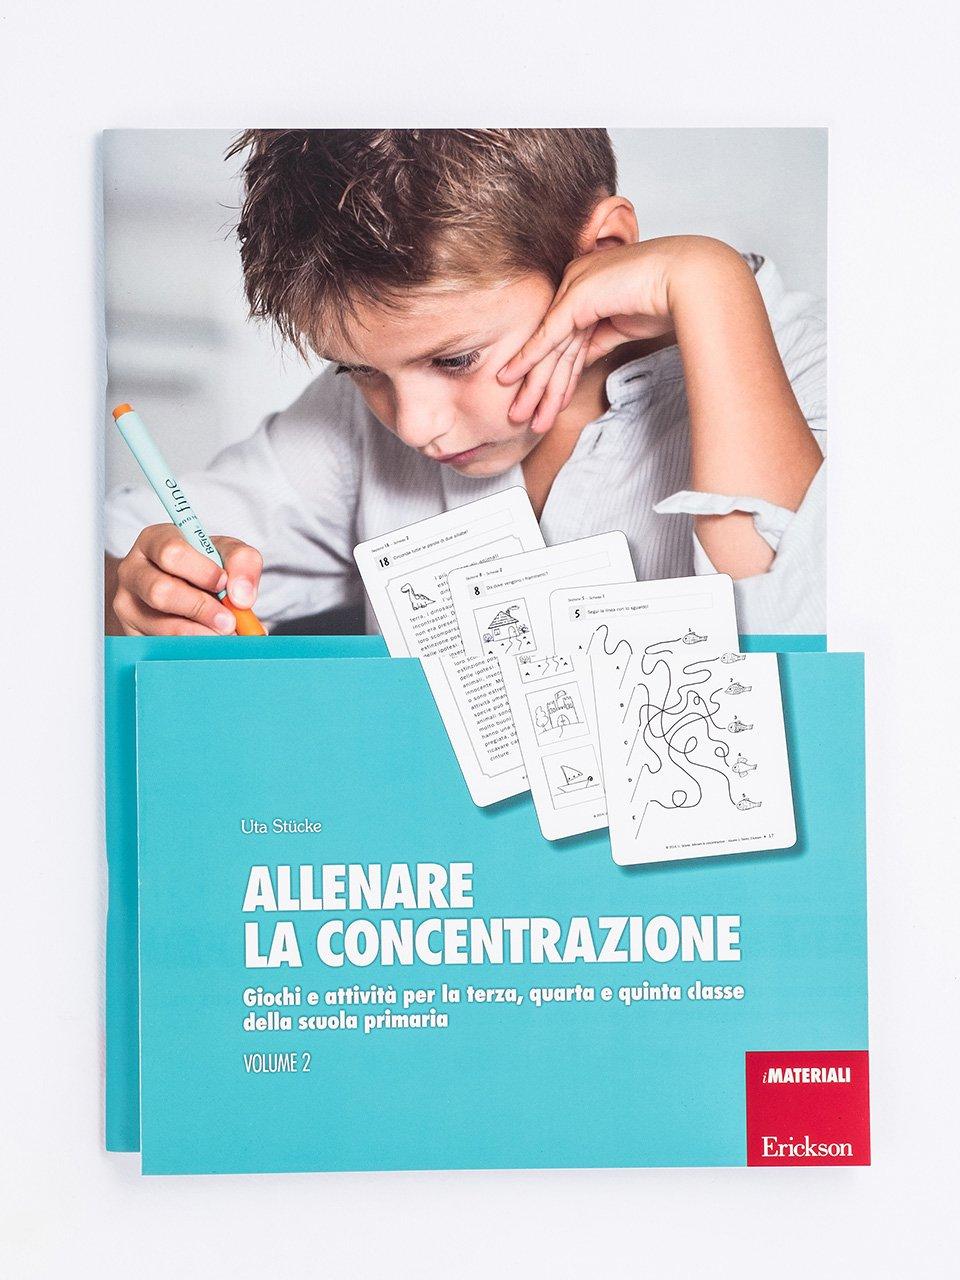 Allenare la concentrazione - Volume 2 - Un'offerta completa di libri e corsi di formazione sul Disturbo da Deficit di Attenzione e Iperattività nei bambini. Scopri sul sito